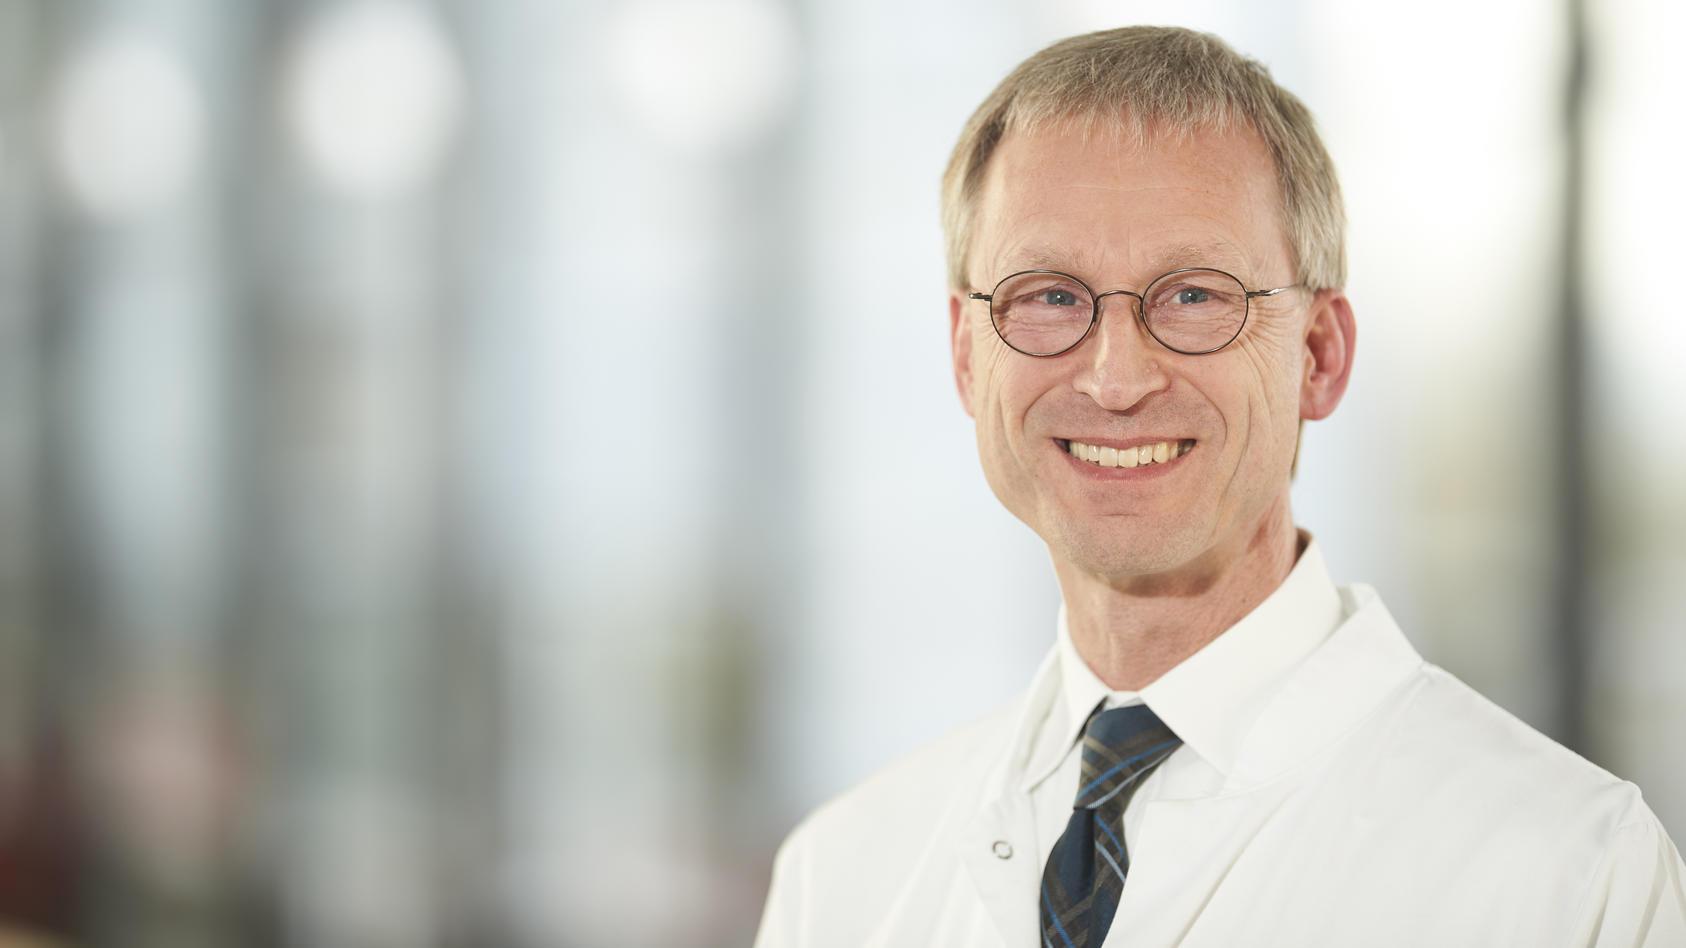 Der Immunologe und Internist Peter M. Kern leitet die Klinik für Immunologie am Klinikum Fulda und lehrt an der Philipps Universität Marburg.